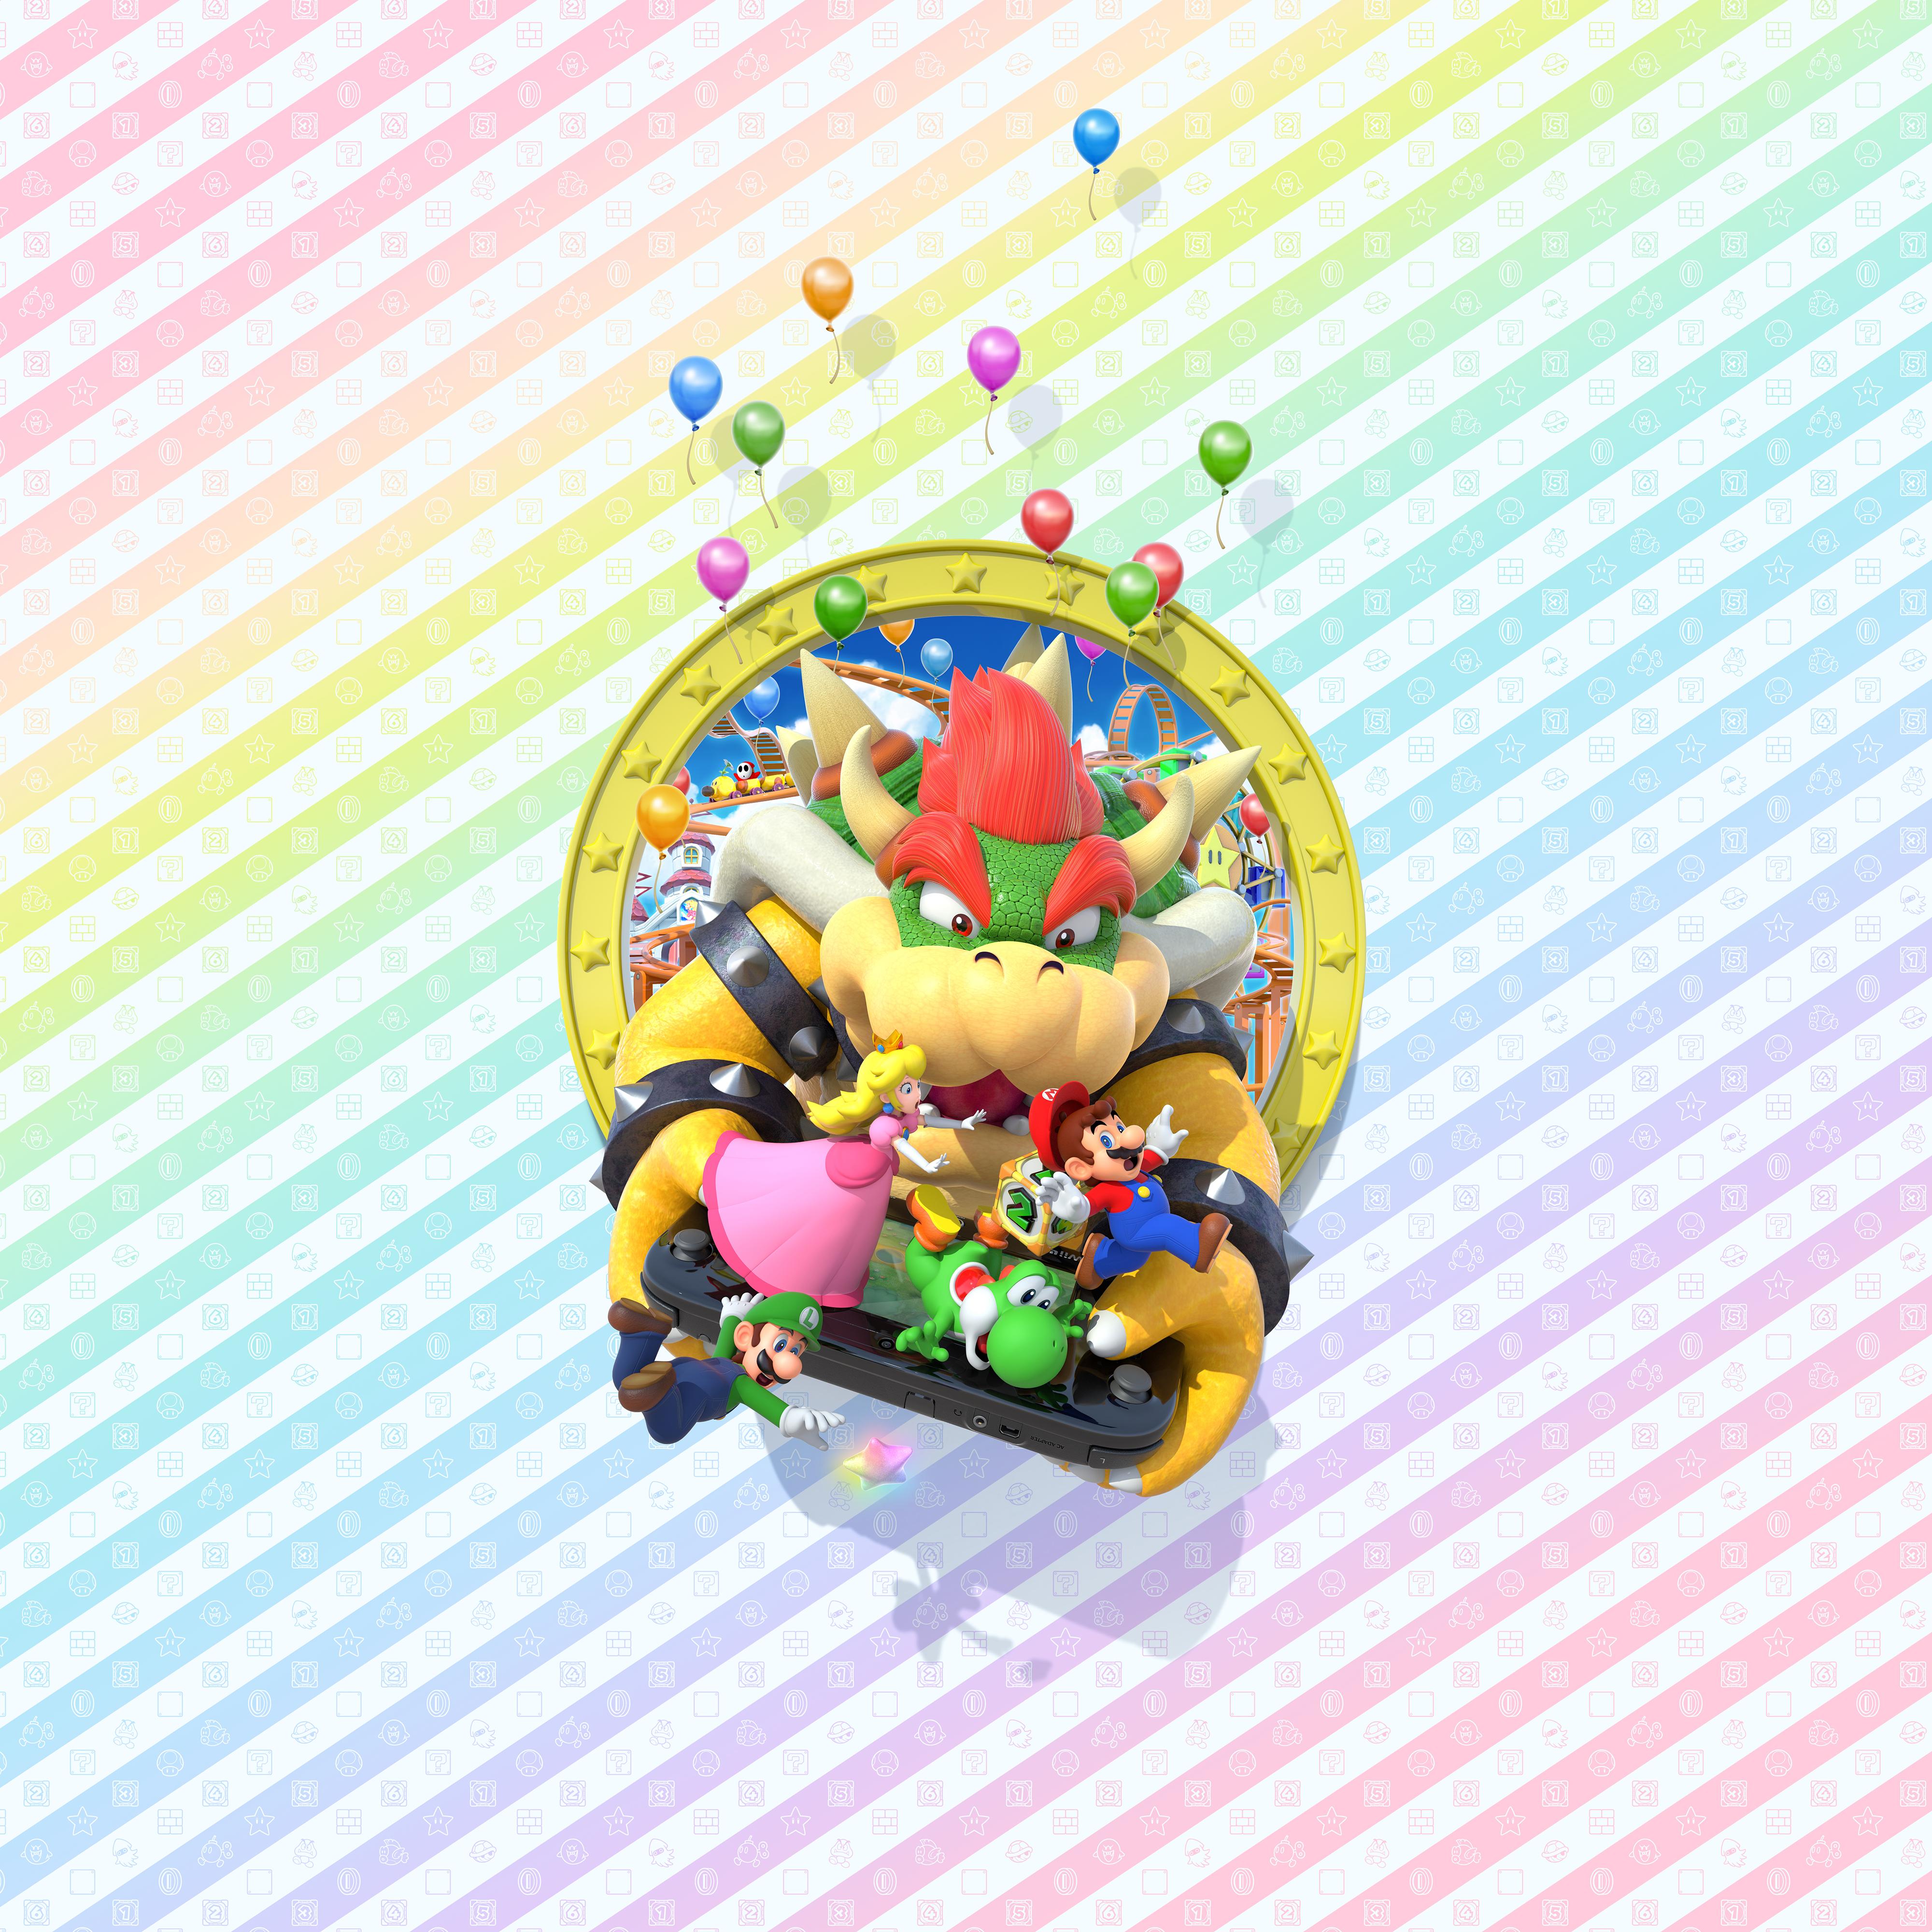 Mario Party 10 wallpaper 1